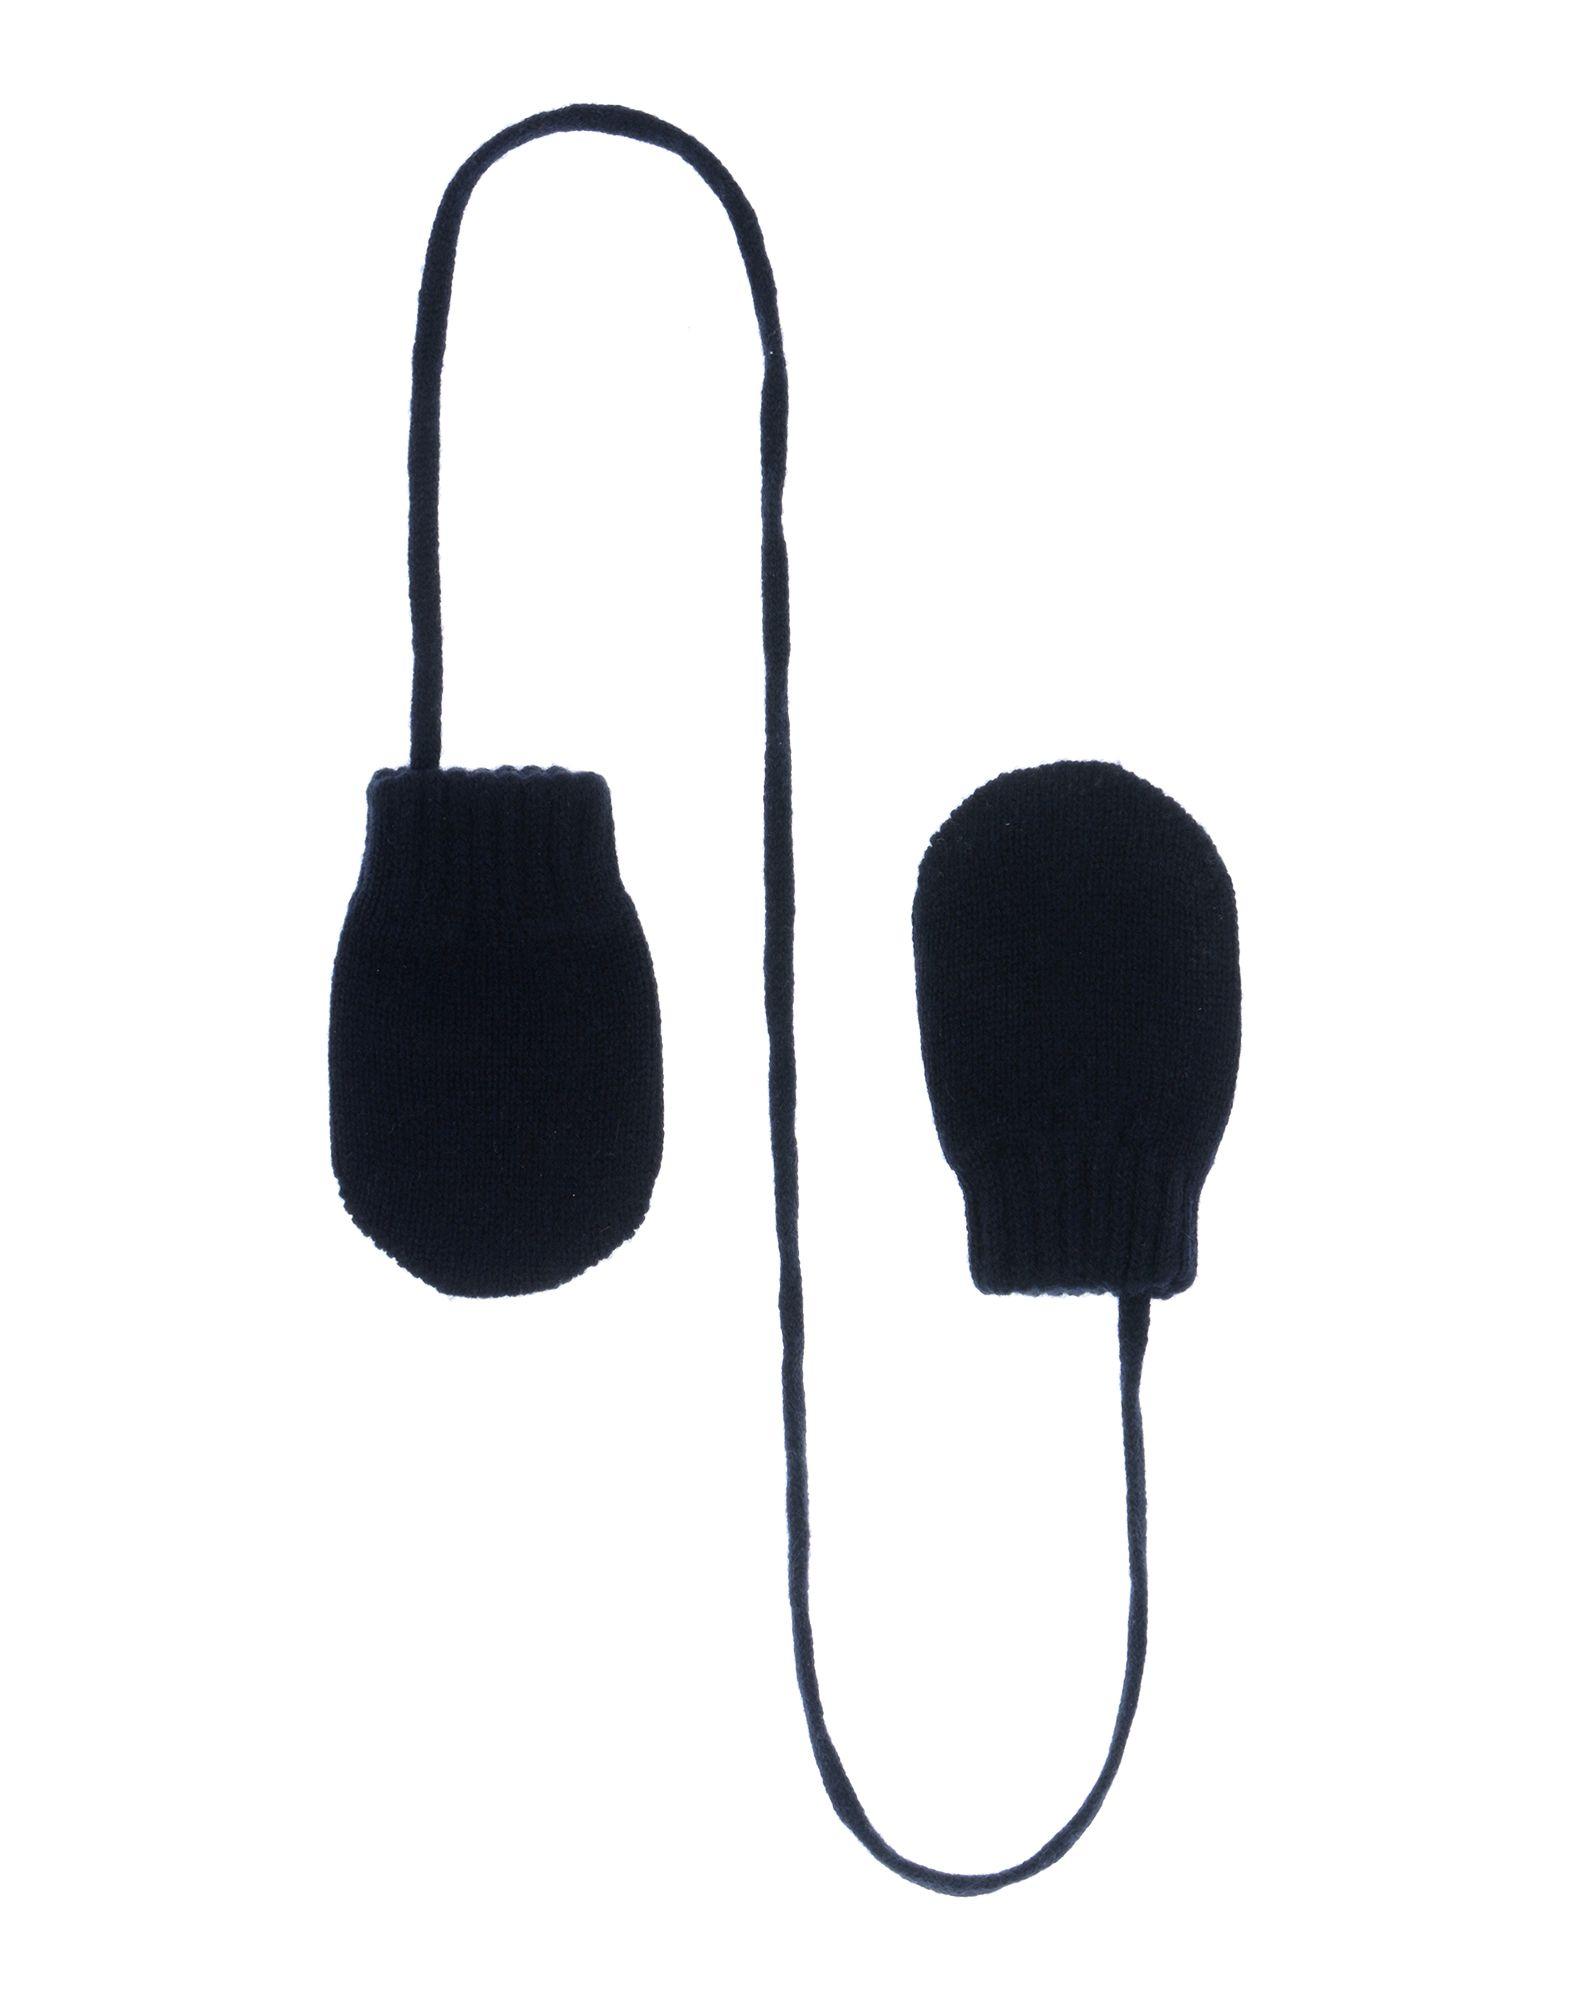 b4ef506b0e62 Conjuntos de bufandas, gorros y guantes - Accesorios y complementos ...